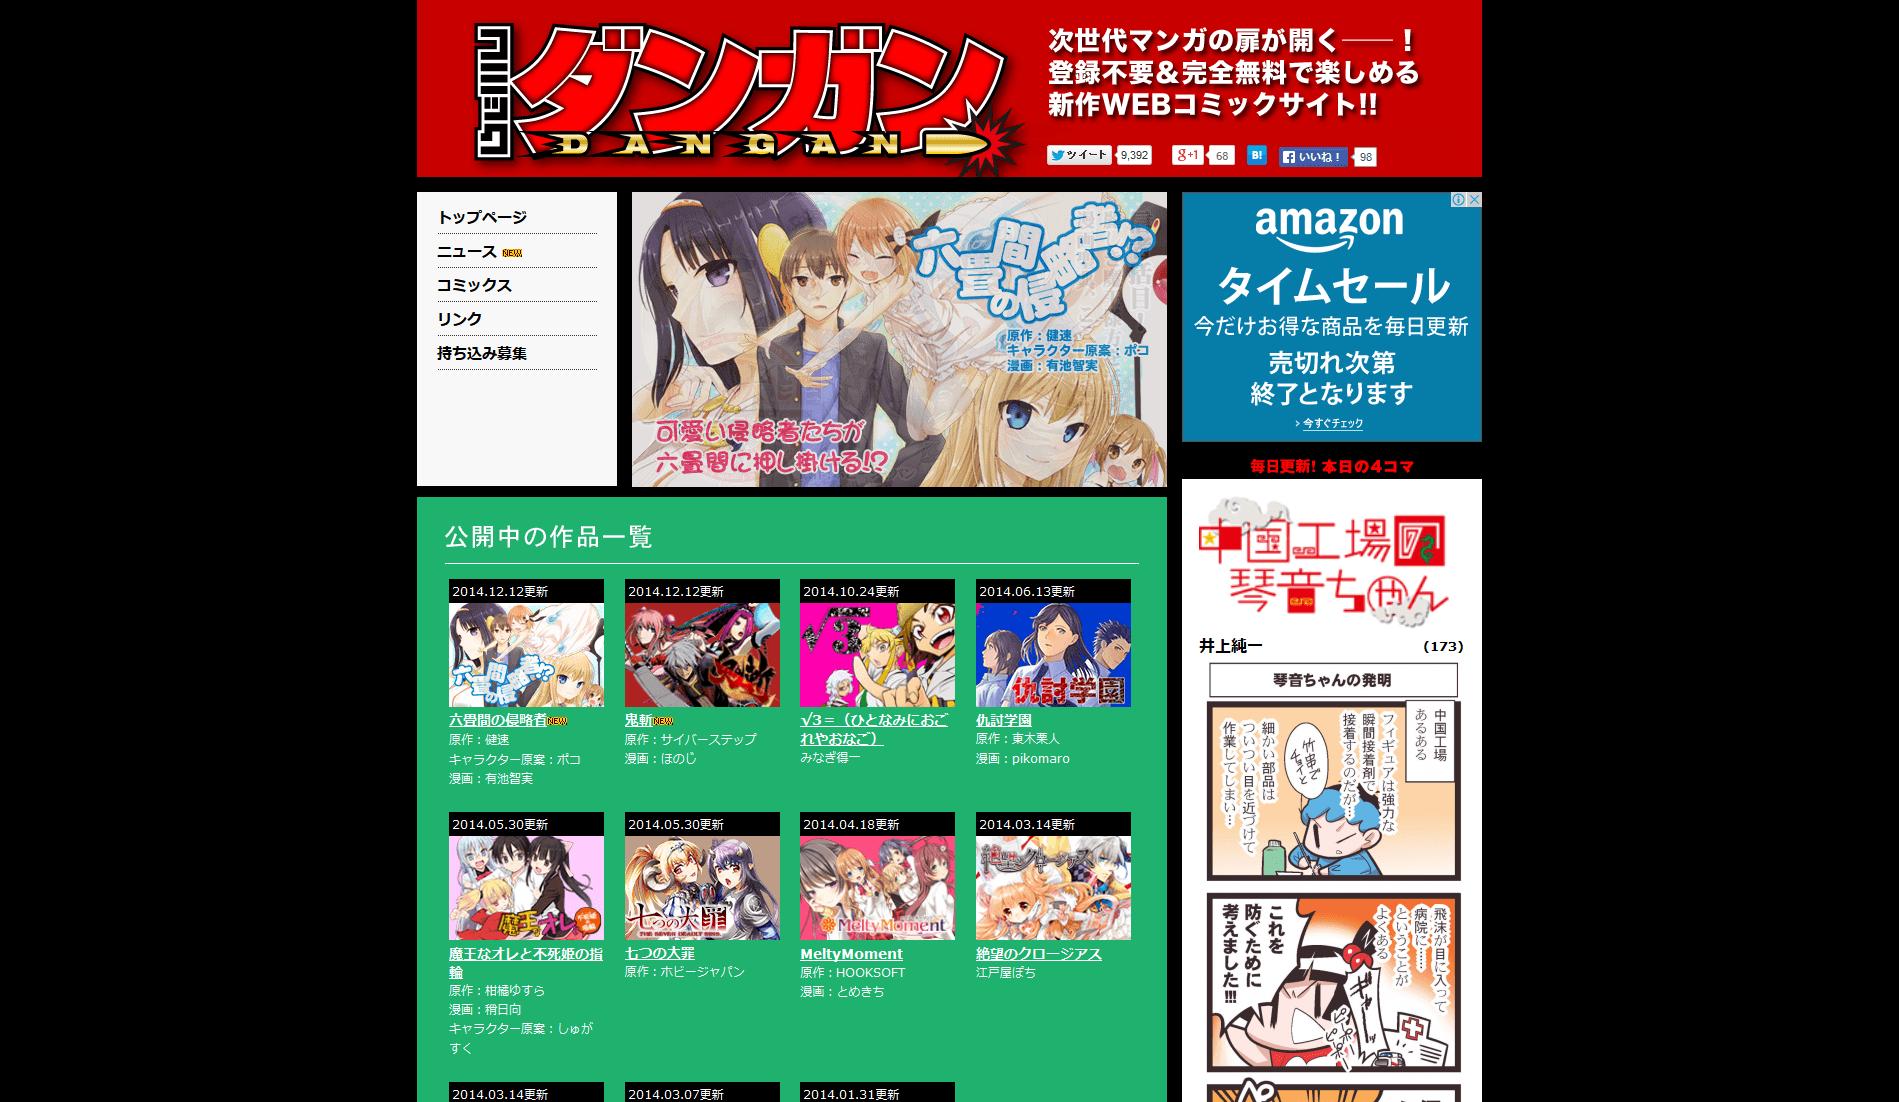 コミックダンガン -無料WEBコミックサイト-